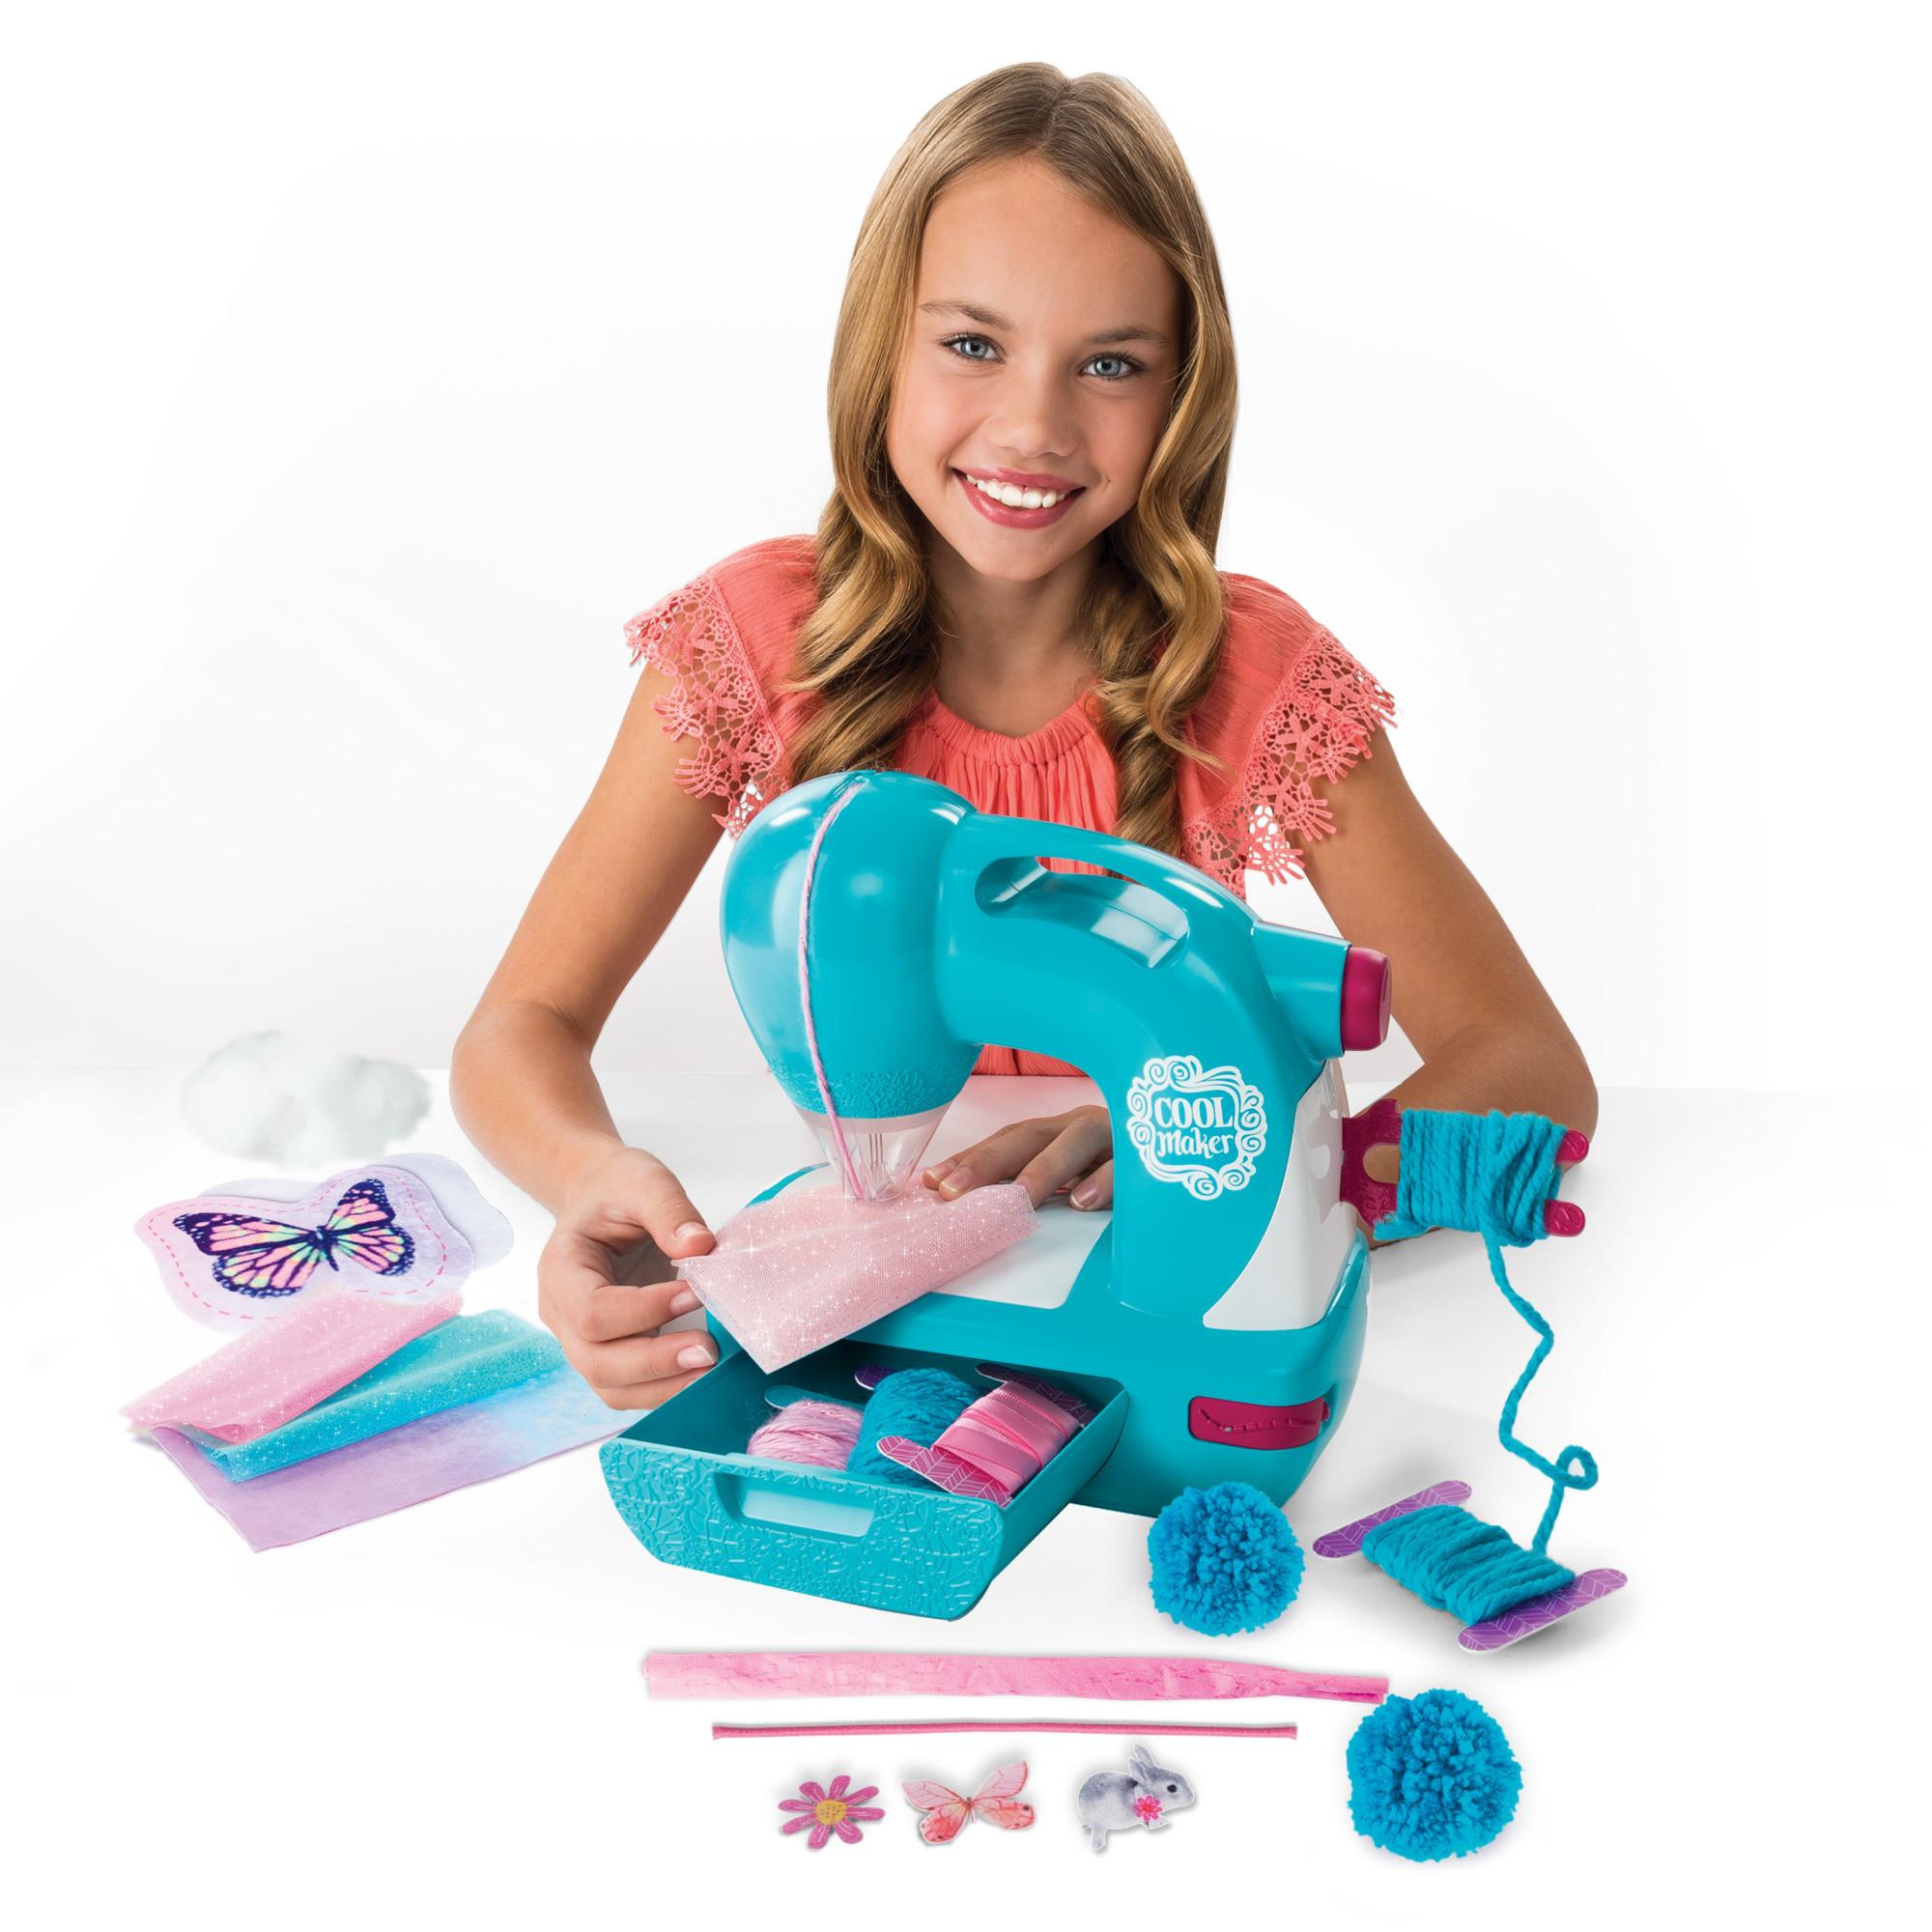 Купить Швейная машинка, Sew Cool 56013, 1шт., Китай, бирюзовый, Женский